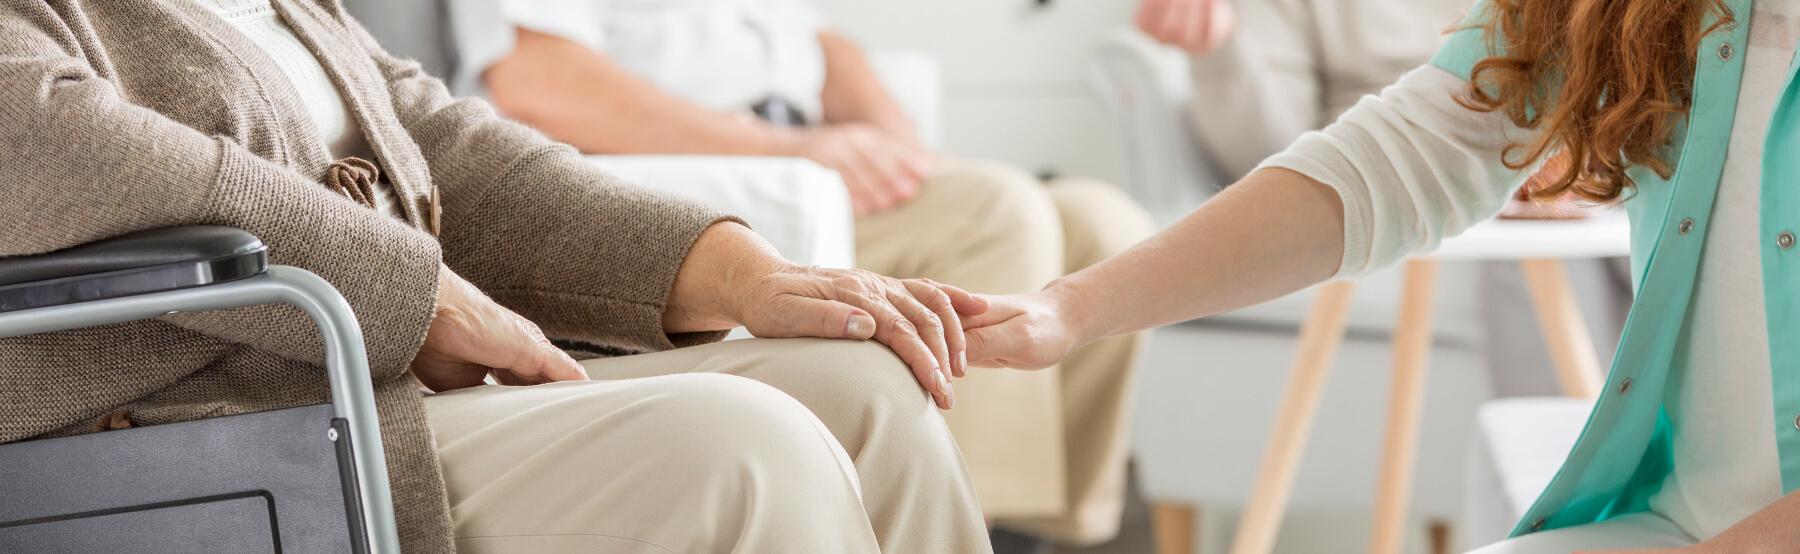 Sestra drží seniora za ruku doma.